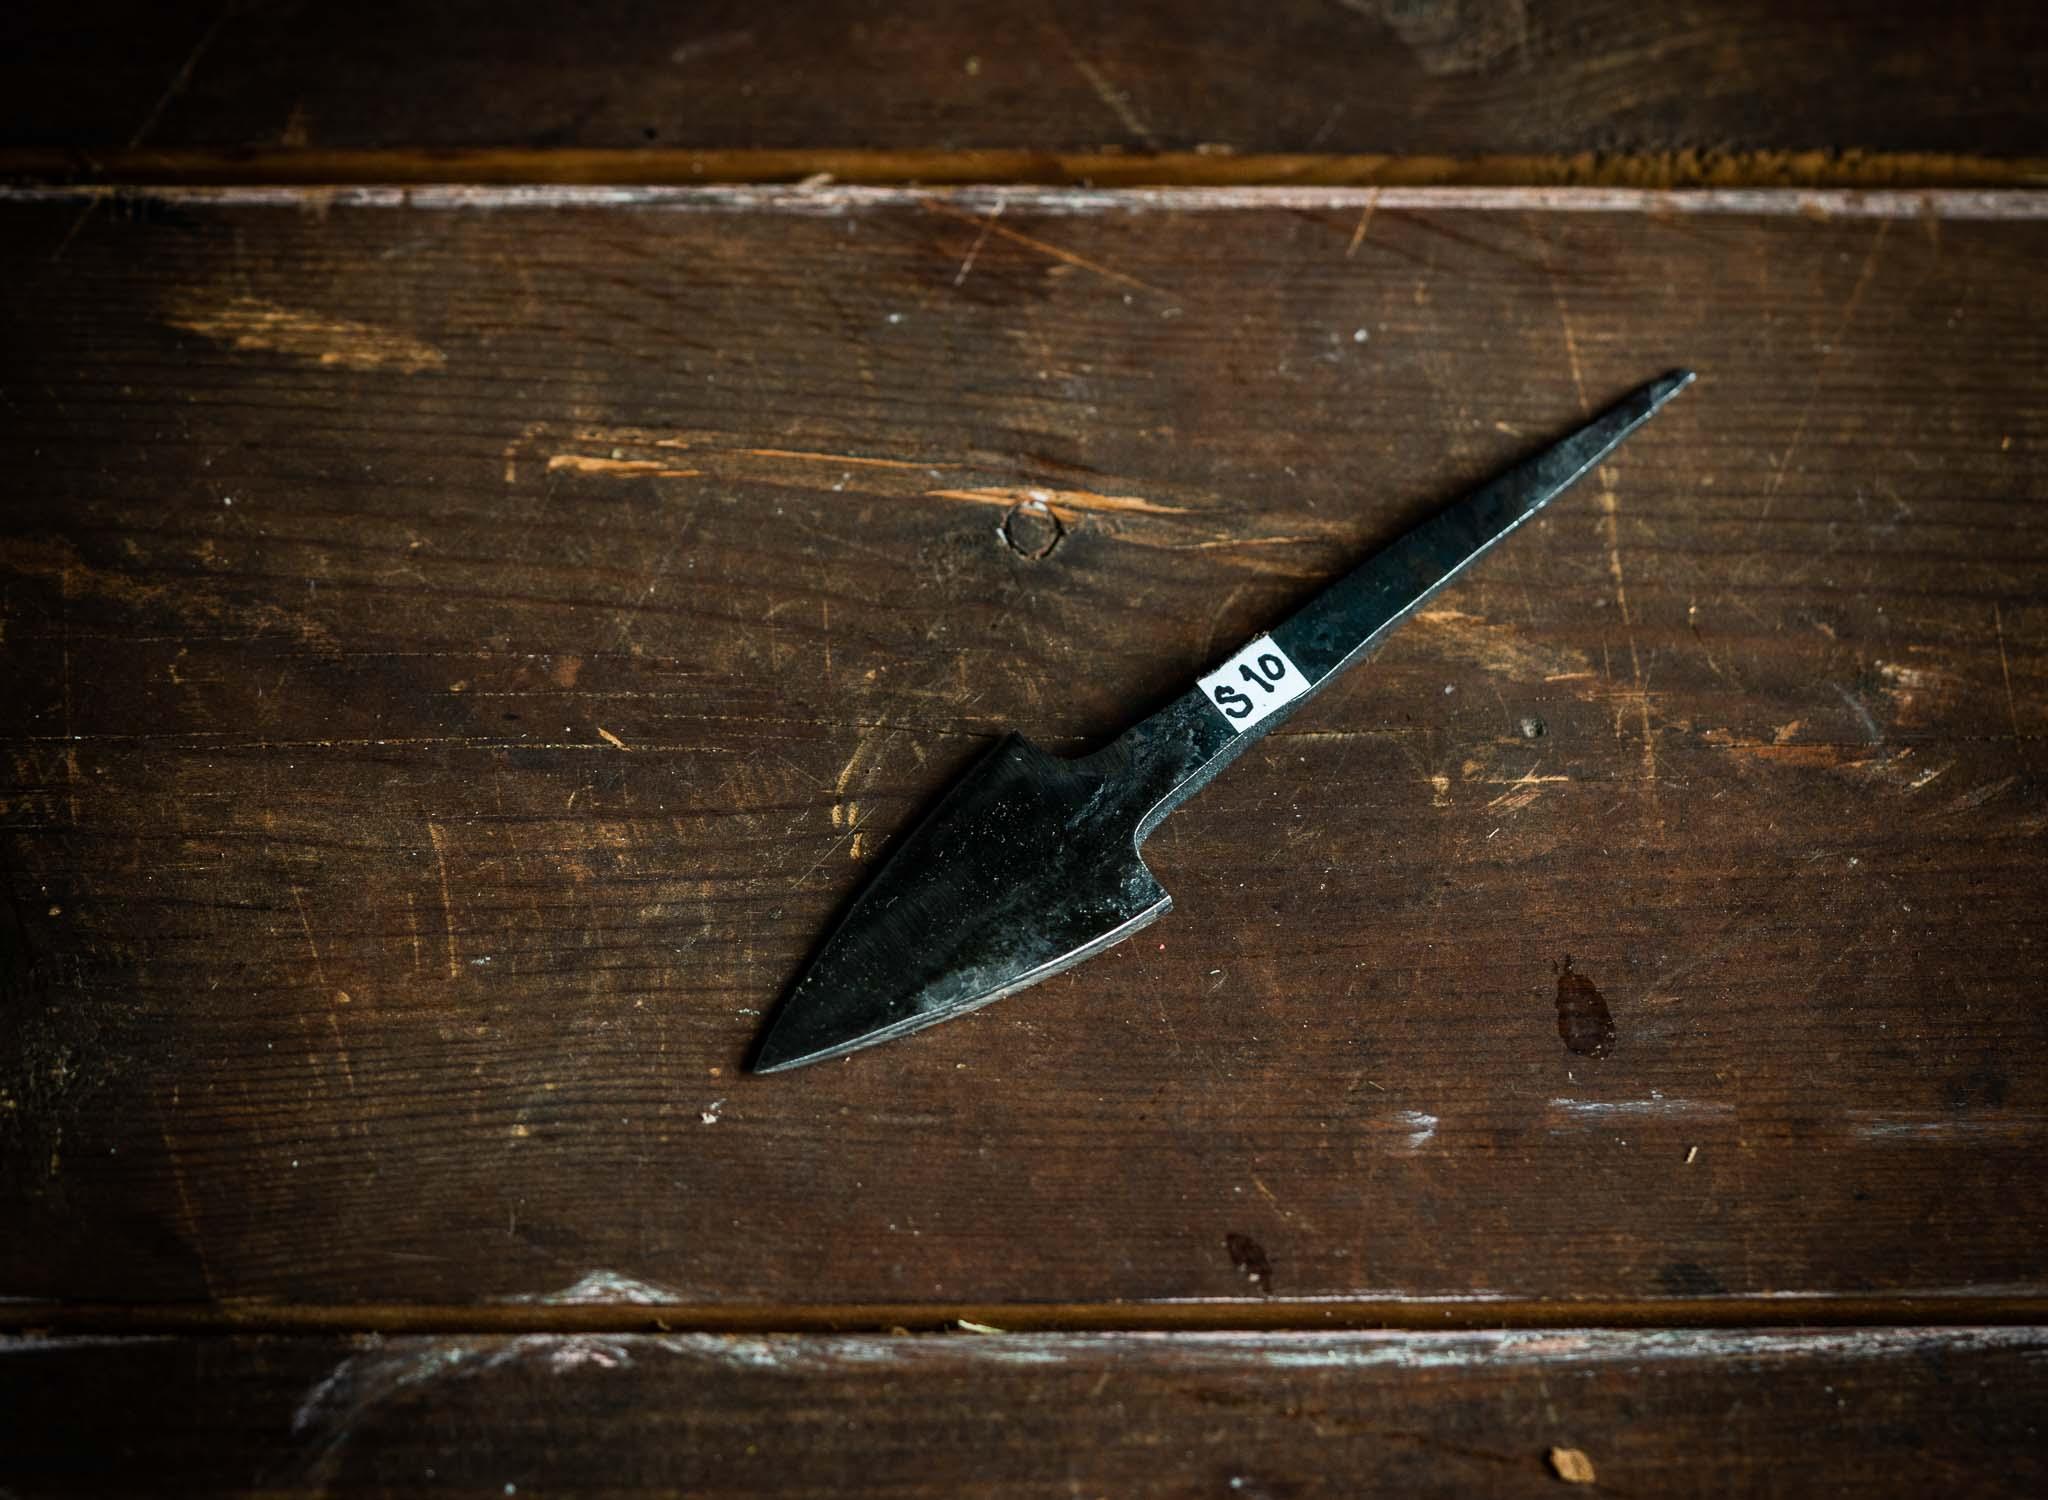 Seppämestarin teräaihio n.4cm terällä, lyhyt nuolenkärki, kaiverrukseen, emännänpuukoksi